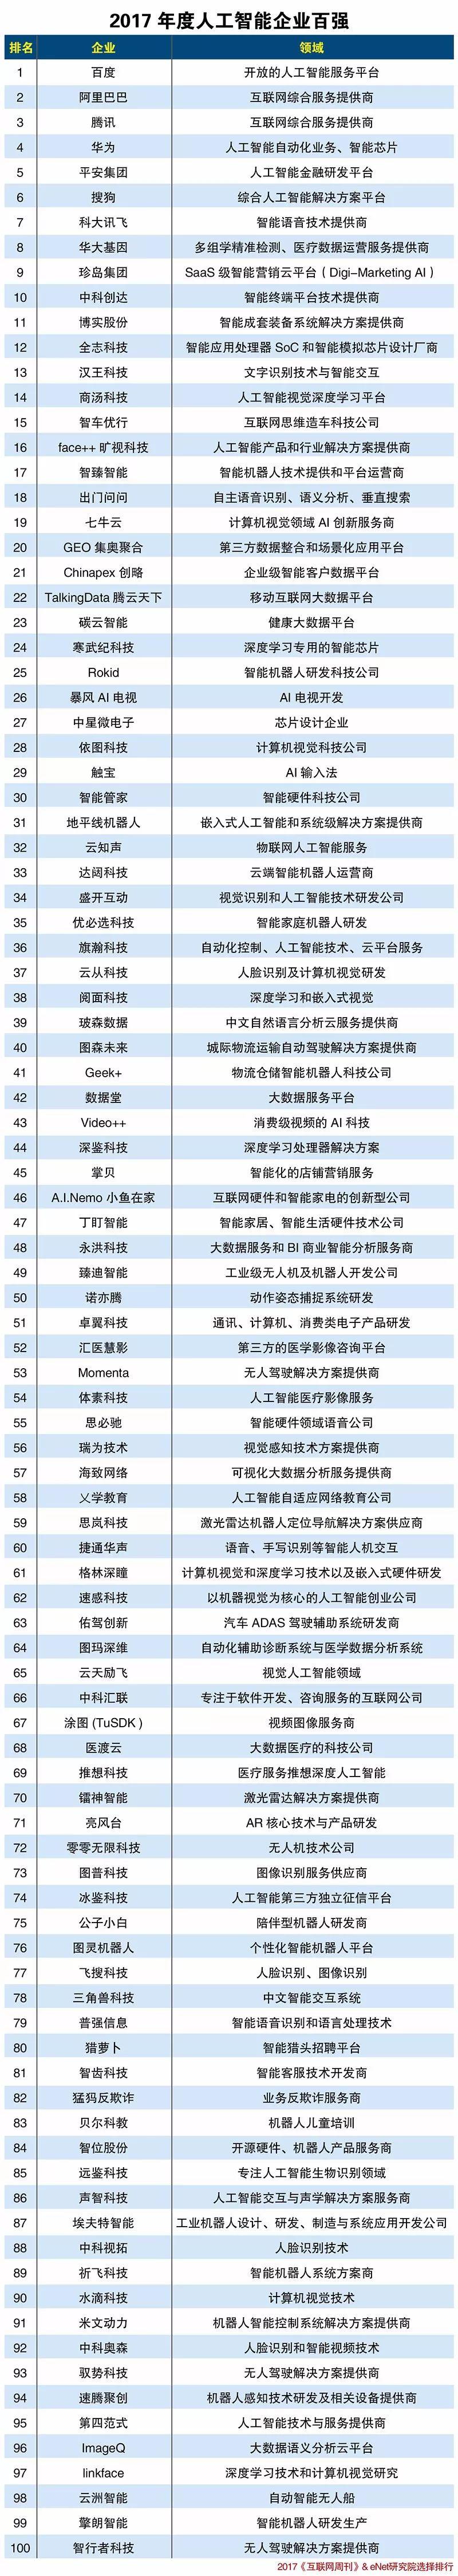 2017「人工智能企业」百强榜单